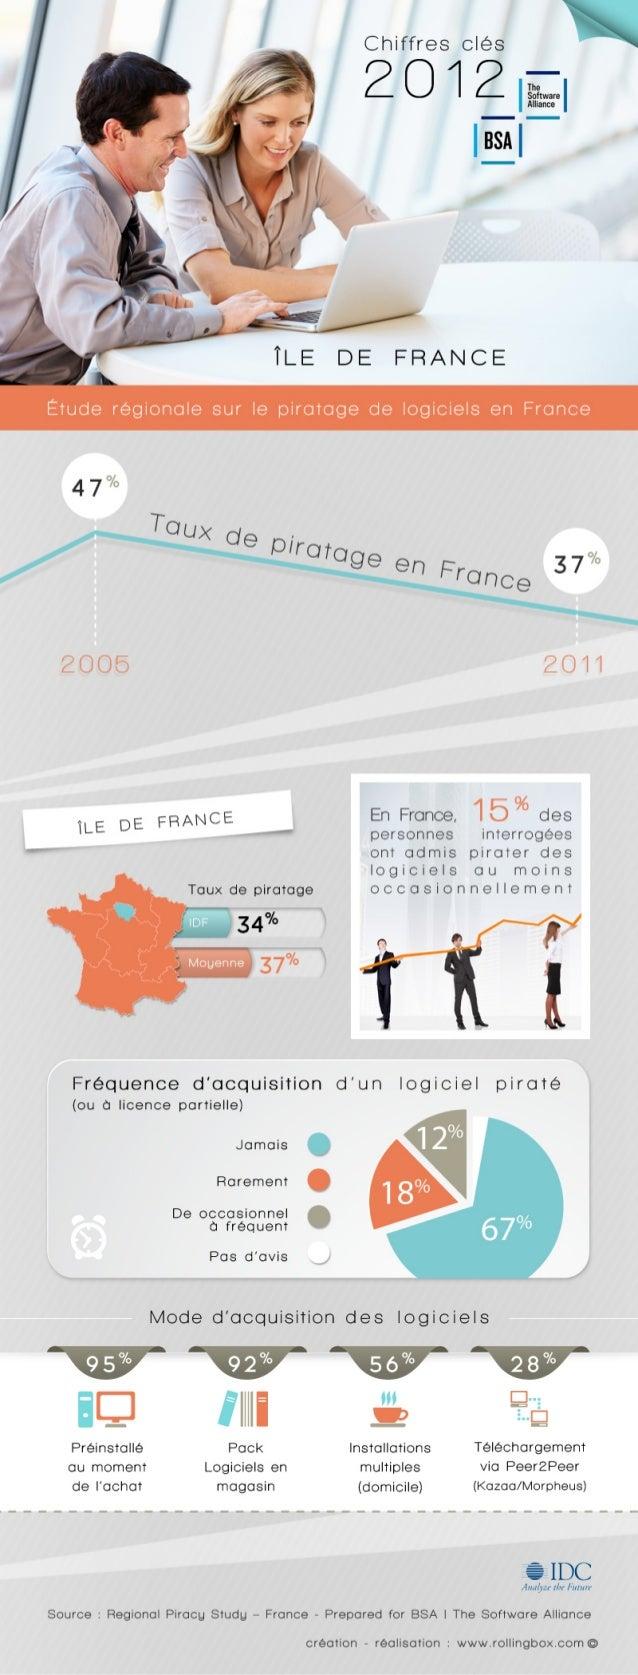 [Paris / Ile-de-France] Etude régionale sur le piratage de logiciels en France - BSA   The Software Alliance / IDC